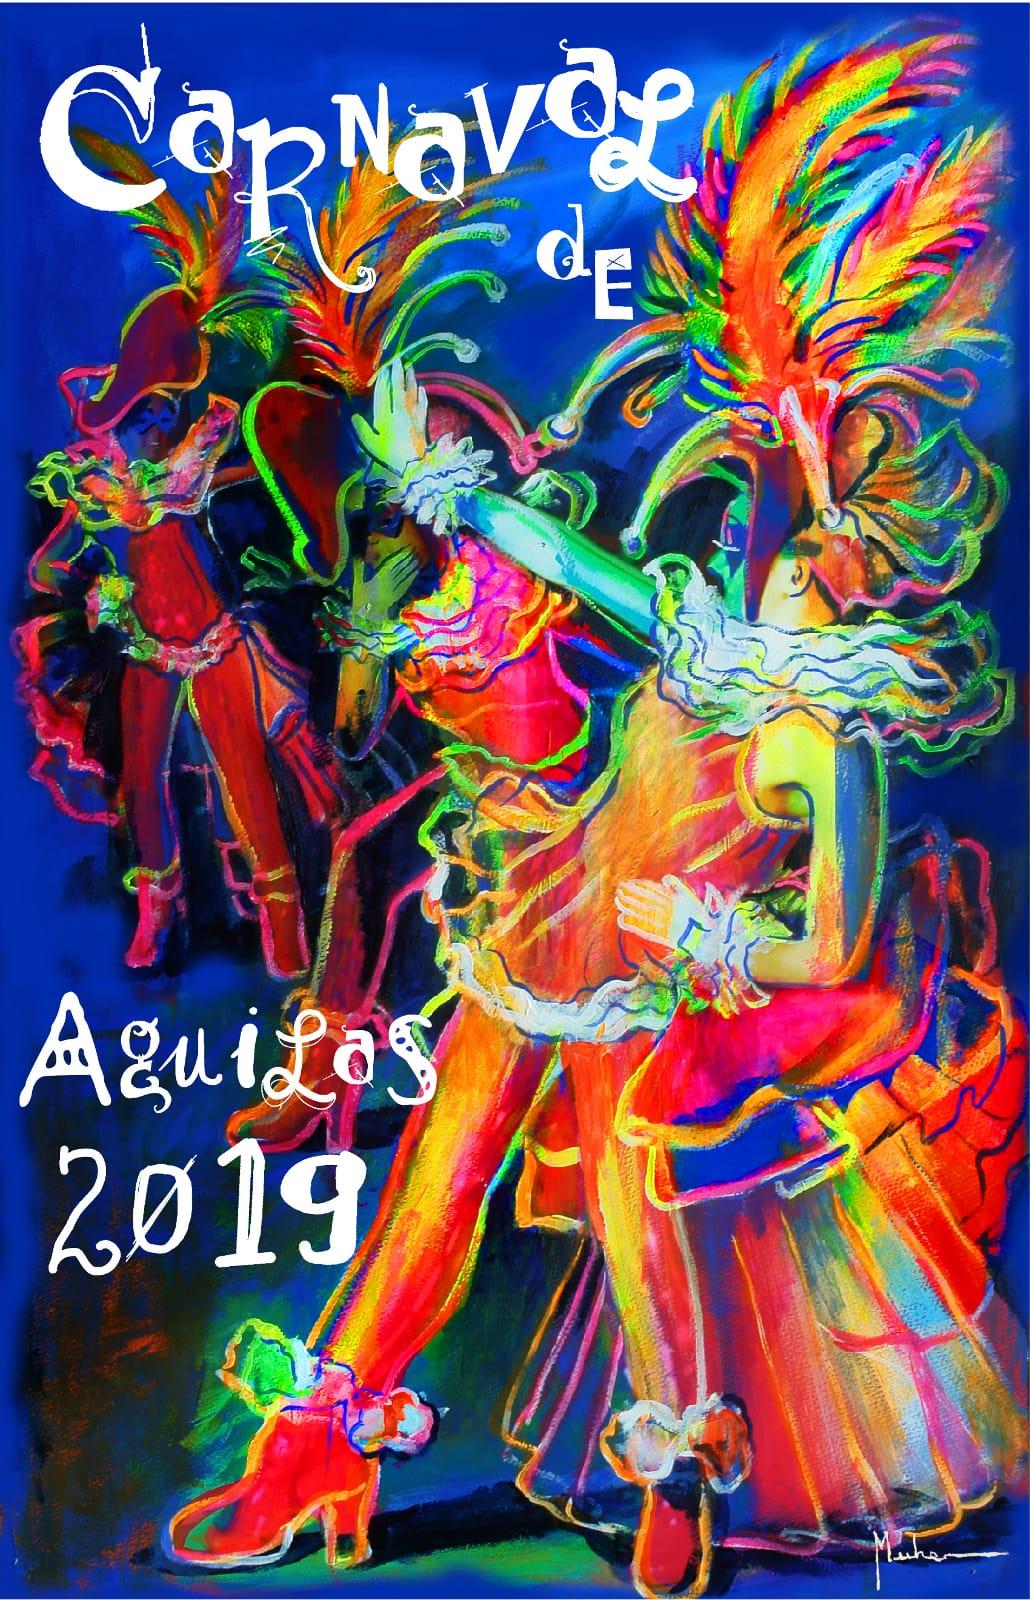 Cartel Carnavales Águilas Cartel Oficial del Carnaval de Águilas 2019